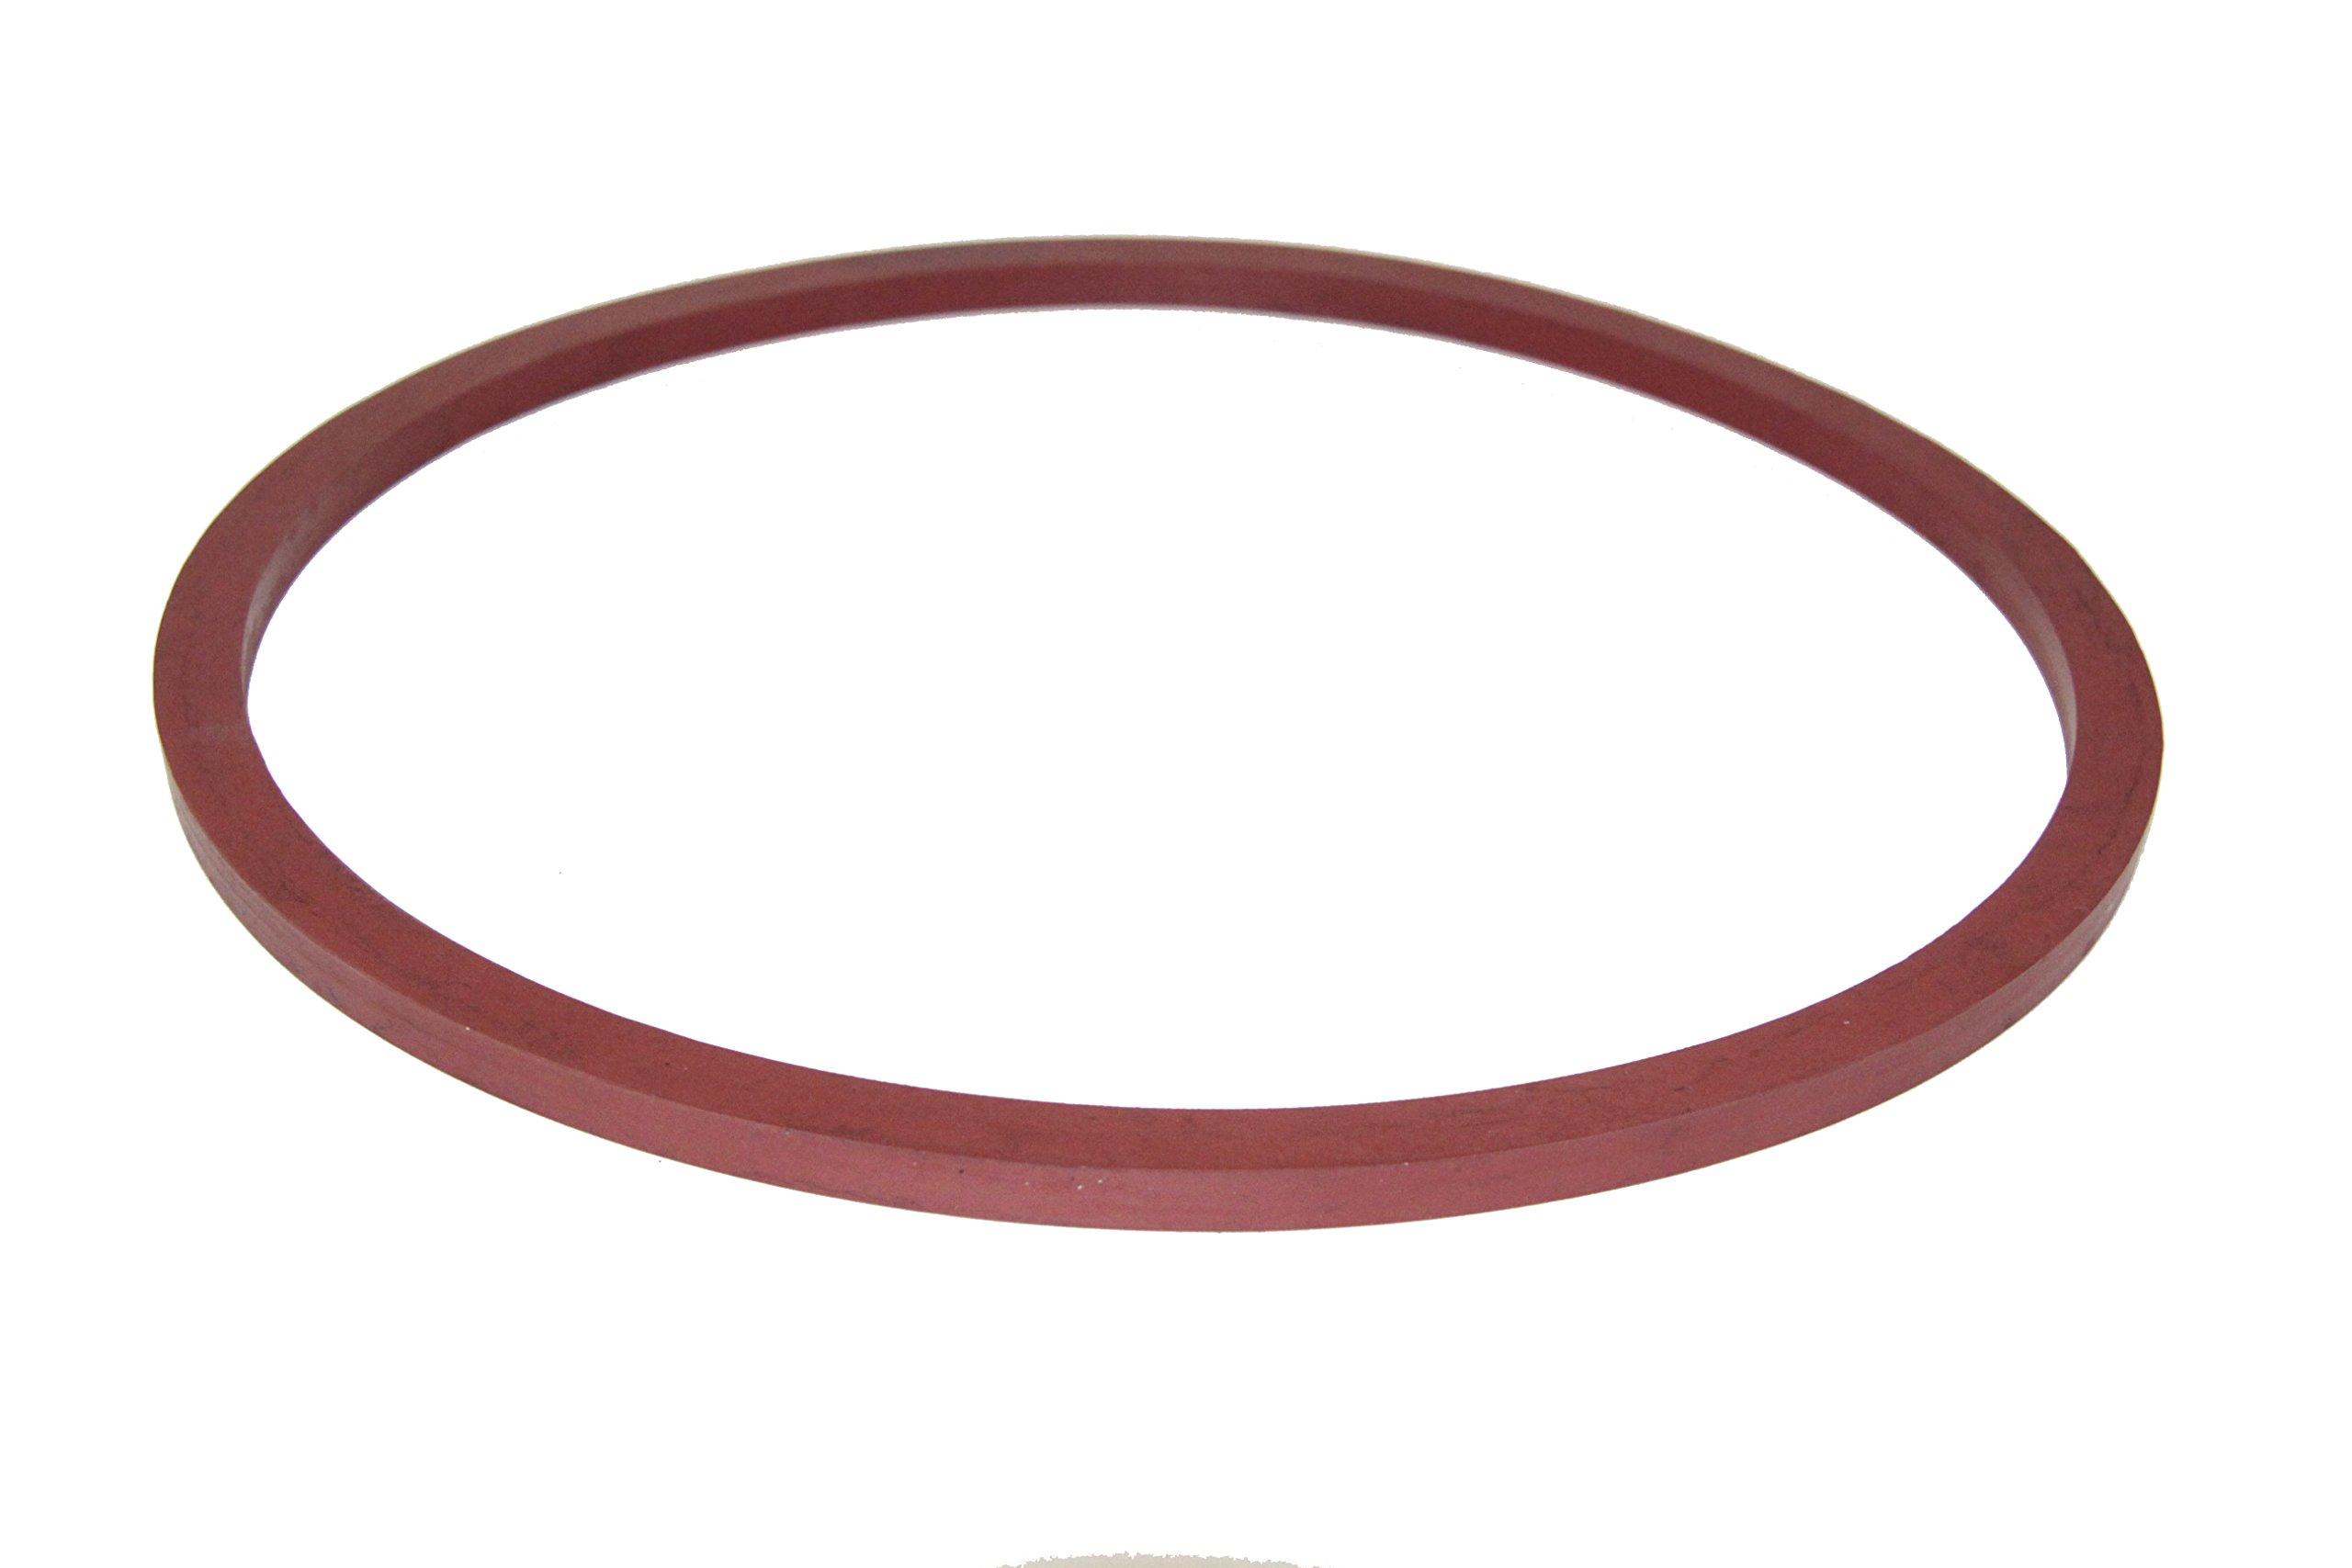 Door Seal Gasket for Tuttnauer 2107 EZ10 EZ10K 2540 Series 02610023